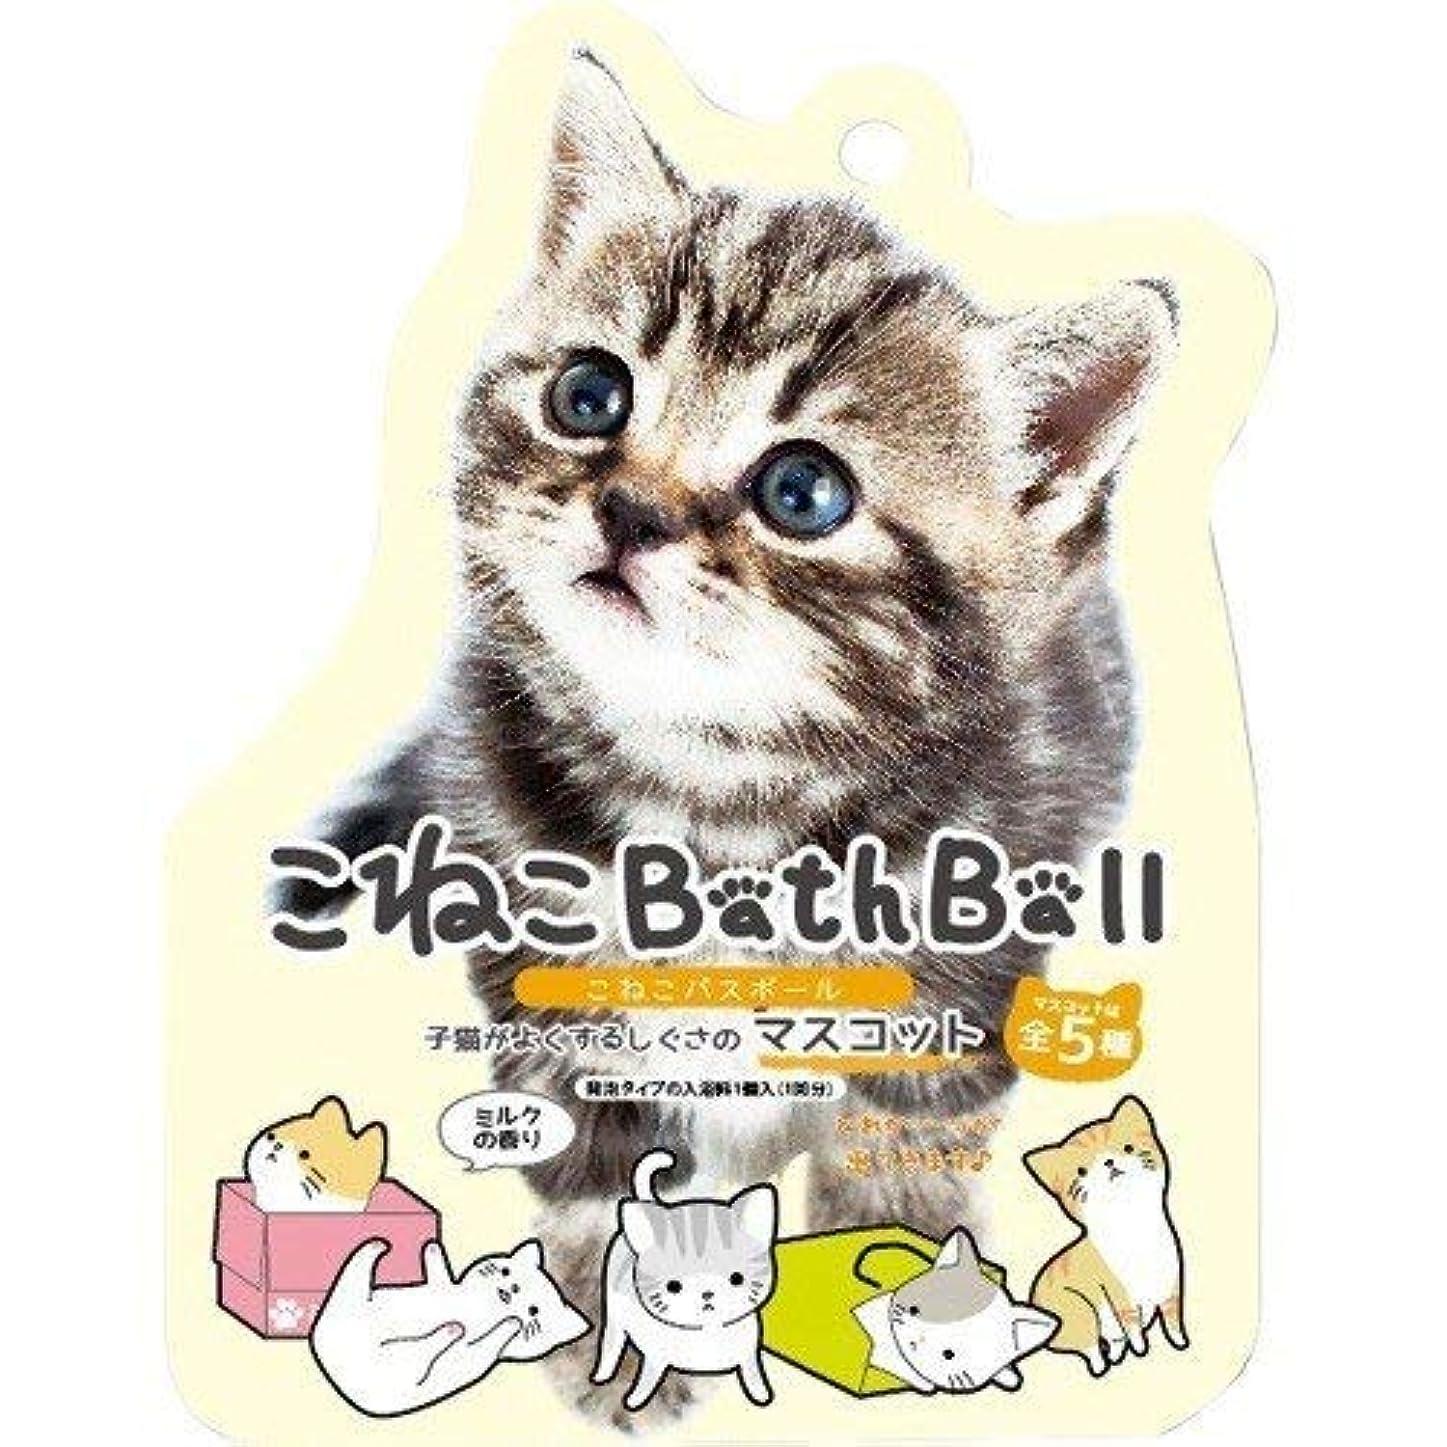 酸っぱいリーチ動機子ねこ バスボール マスコット入り 6個1セット 子猫 こねこ フィギュア入り 入浴剤